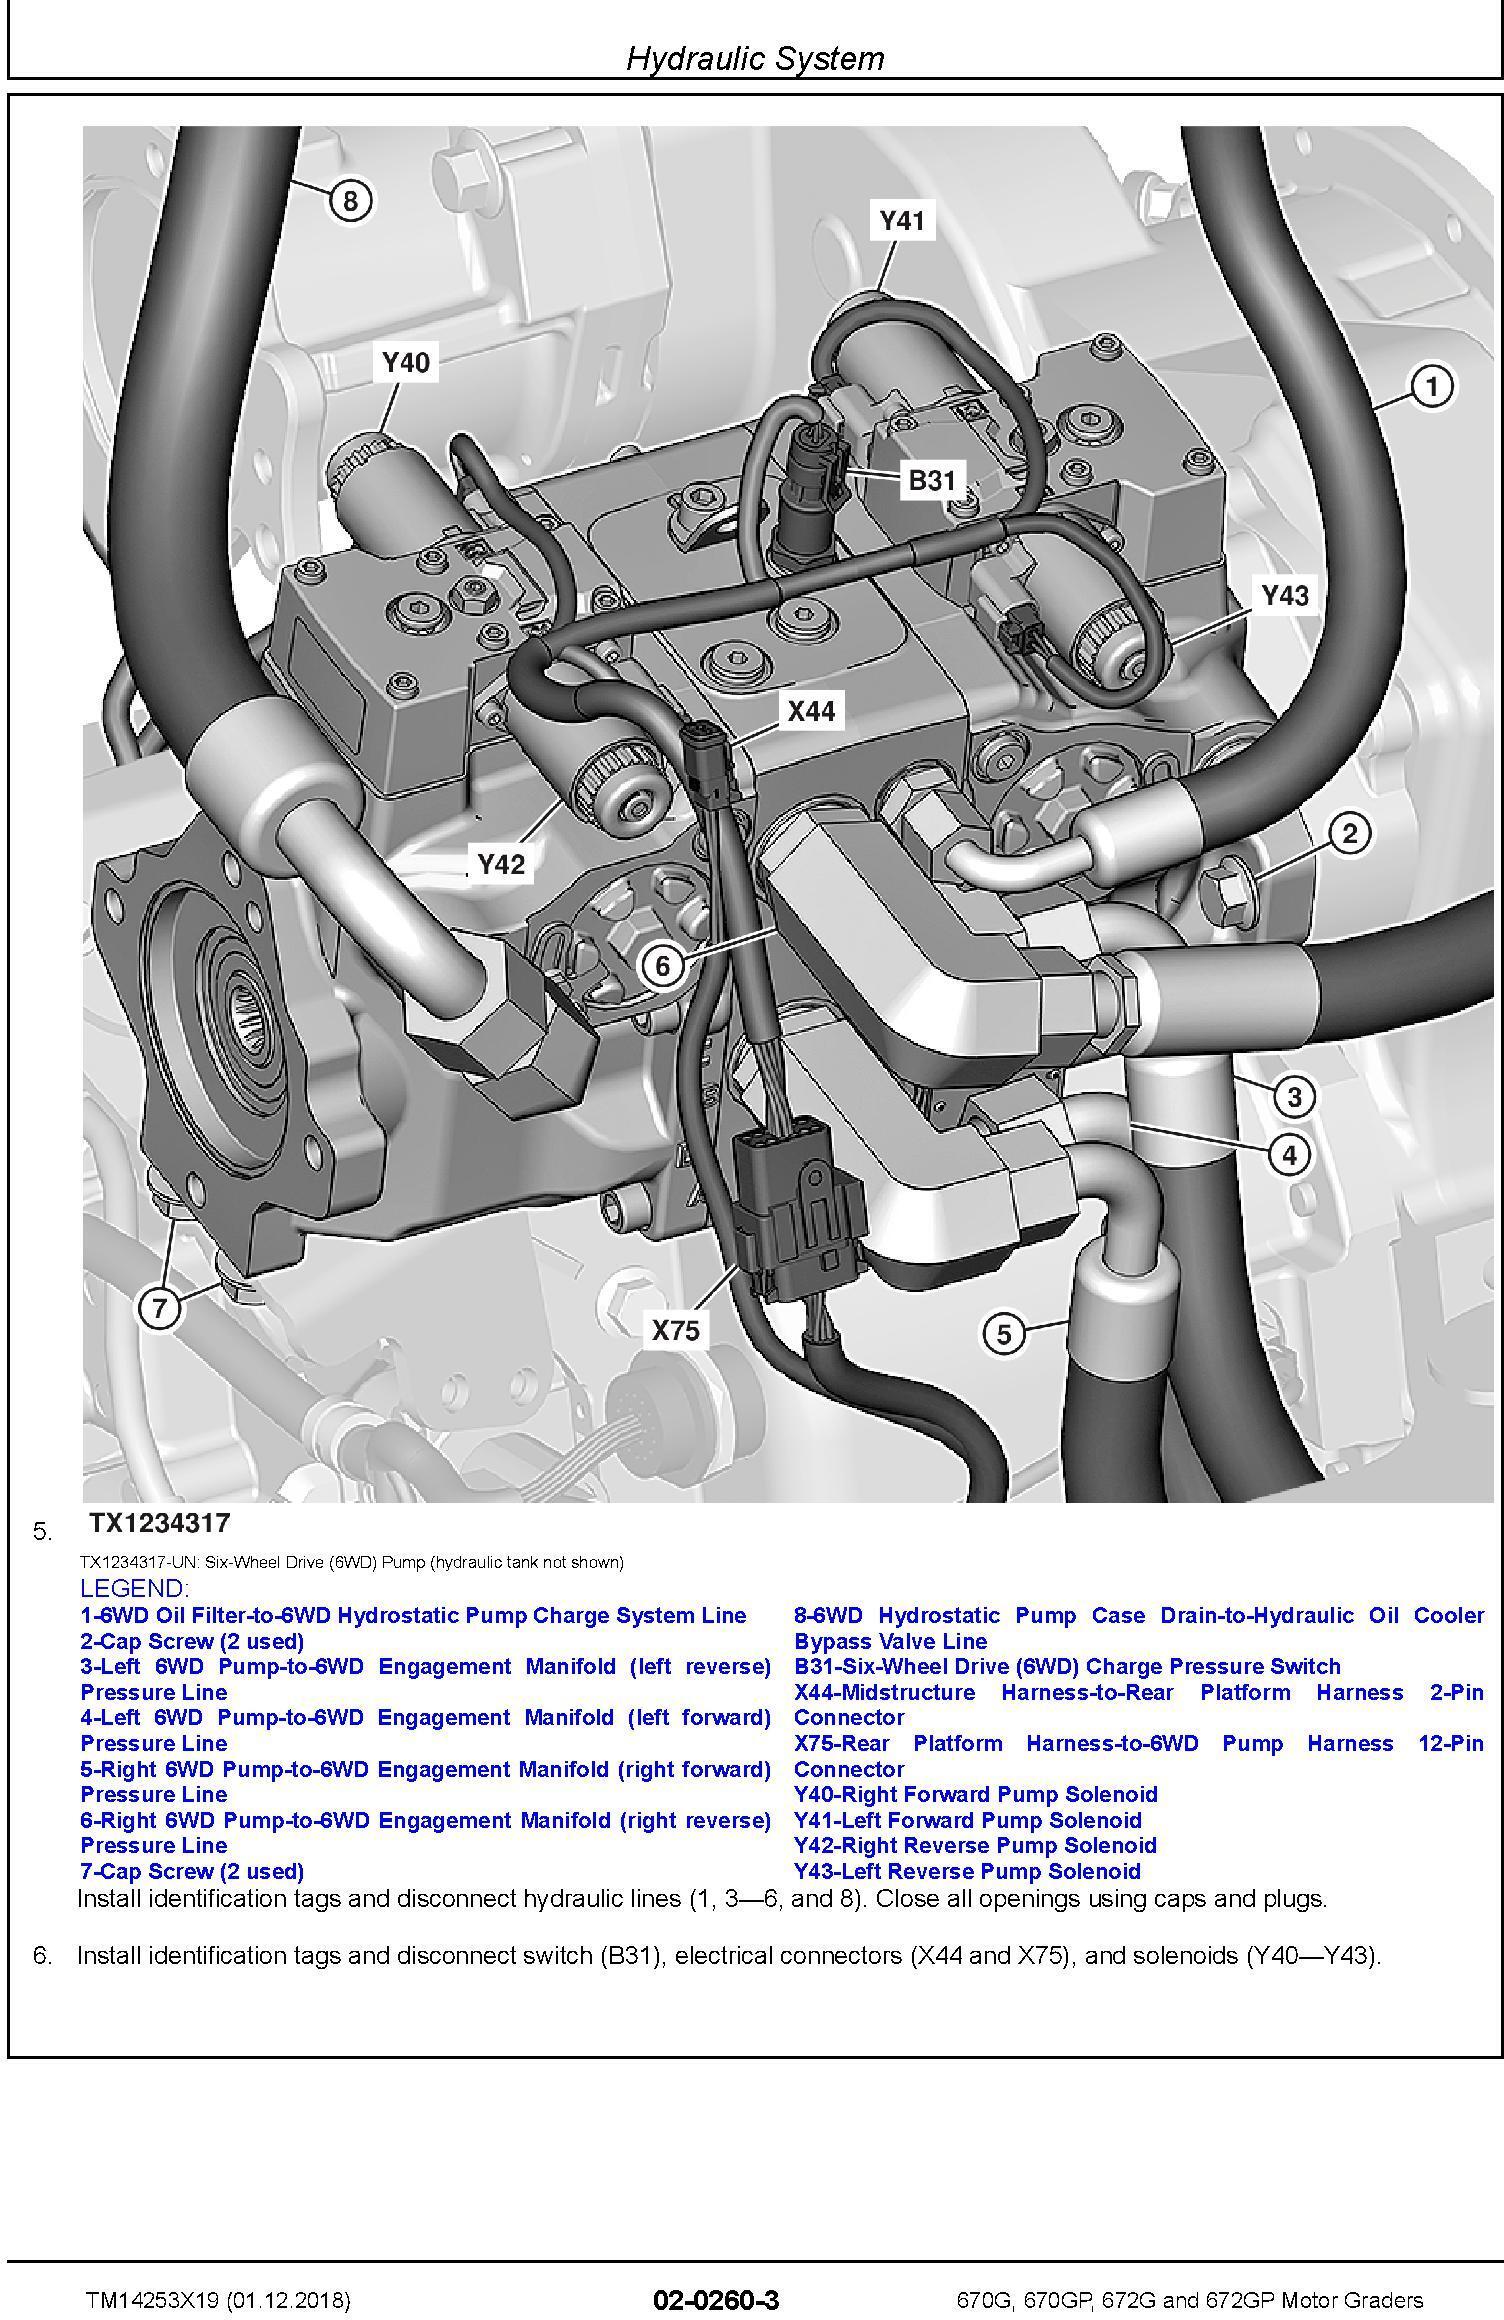 John Deere 670G, 670GP, 672G, 672GP (SN. C680878-,D680878-) Motor Graders Repair Manual (TM14253X19) - 3